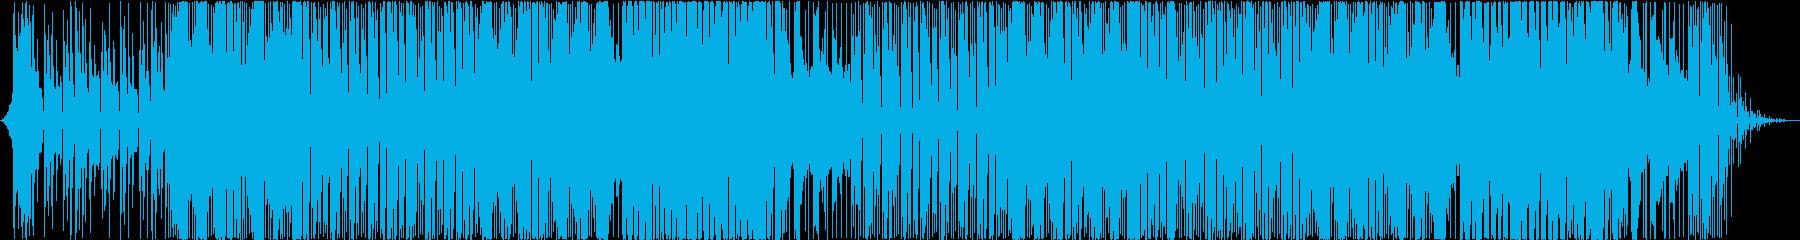 街をイメージしたポップなエレクトロニカの再生済みの波形